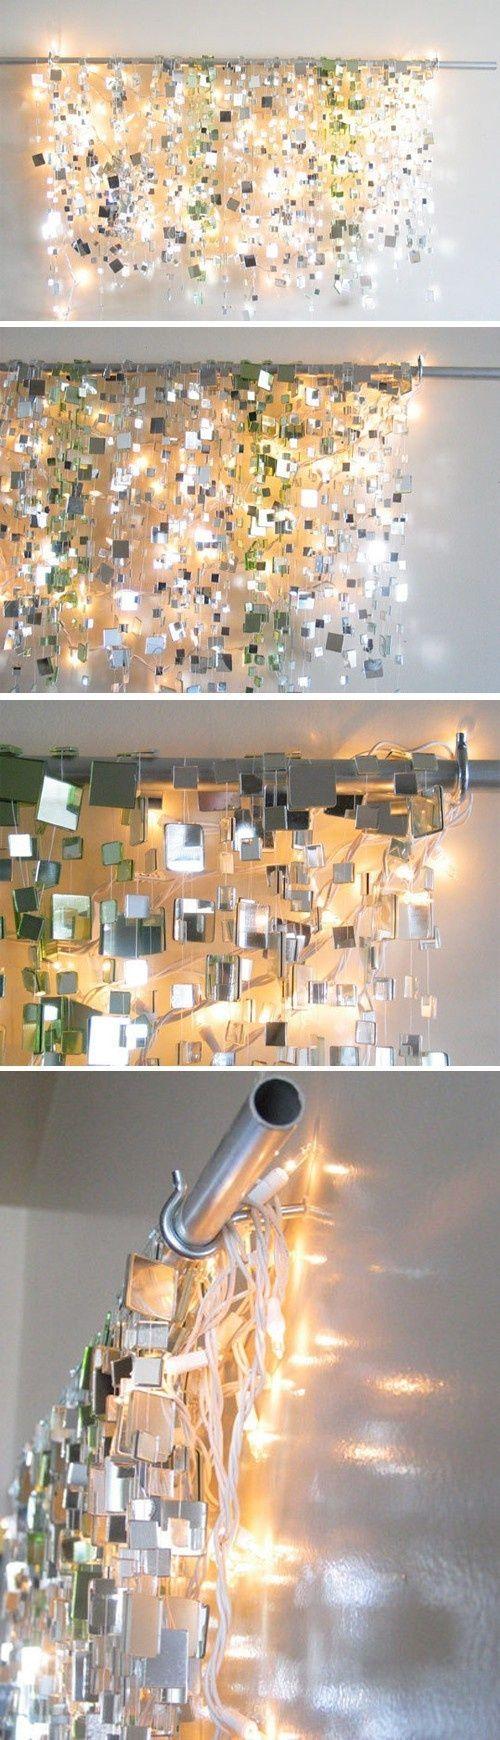 luces-espejo